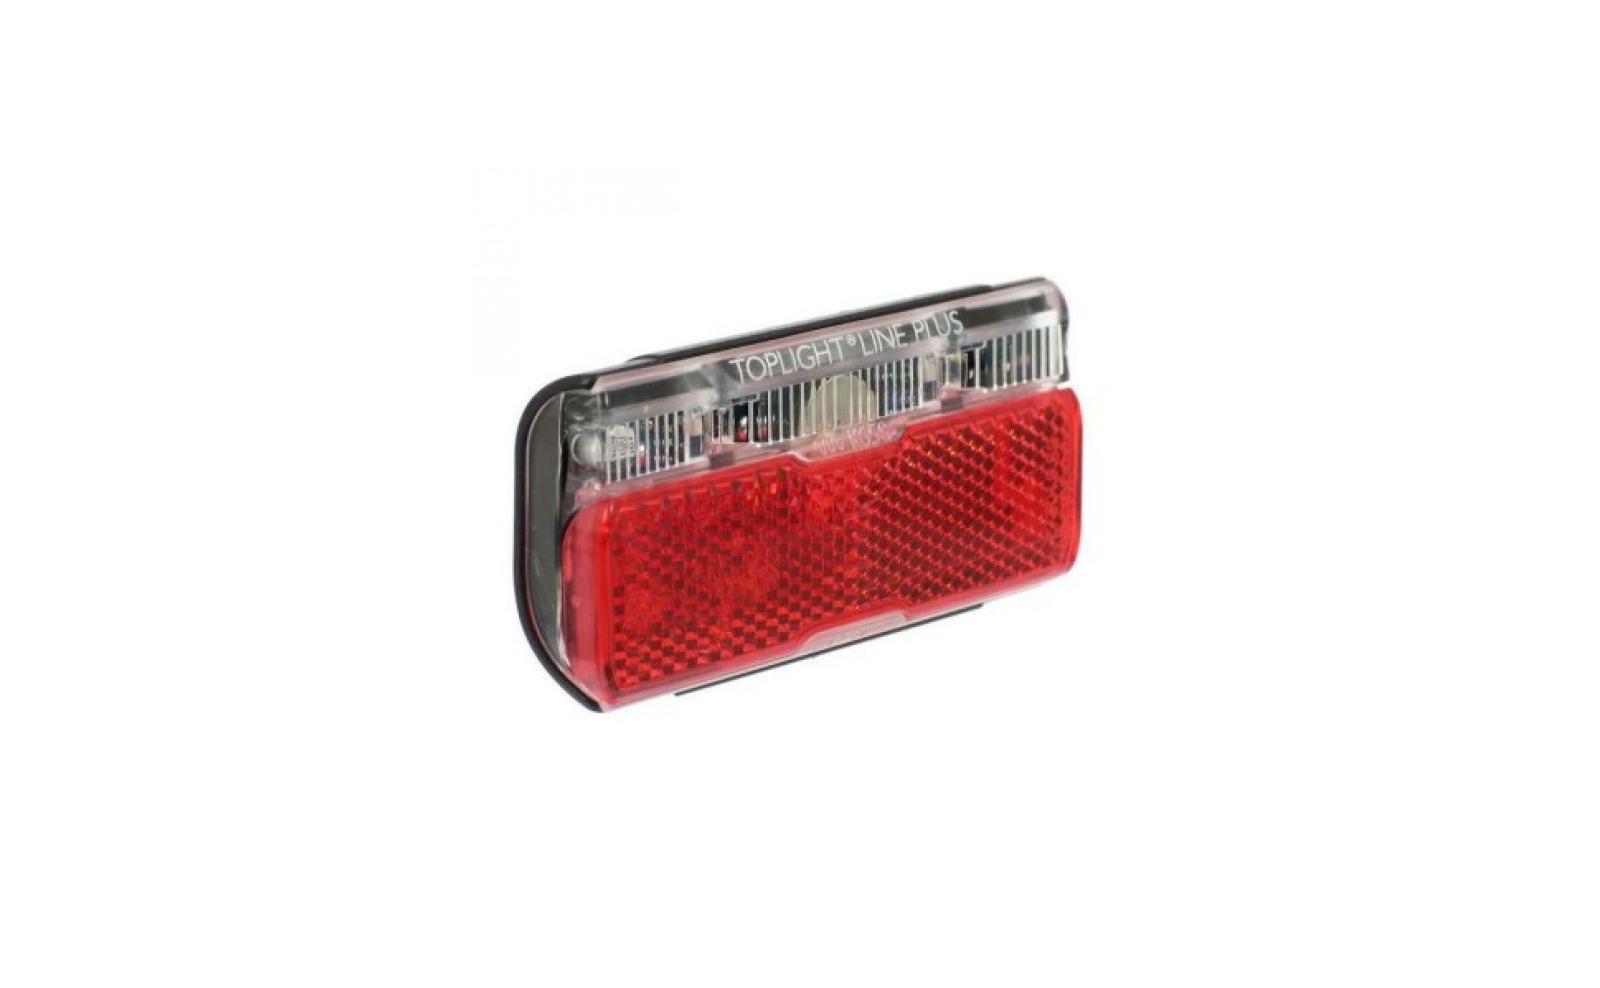 busch m ller r cklicht toplight line plus fahrradbeleuchtung licht hinten. Black Bedroom Furniture Sets. Home Design Ideas